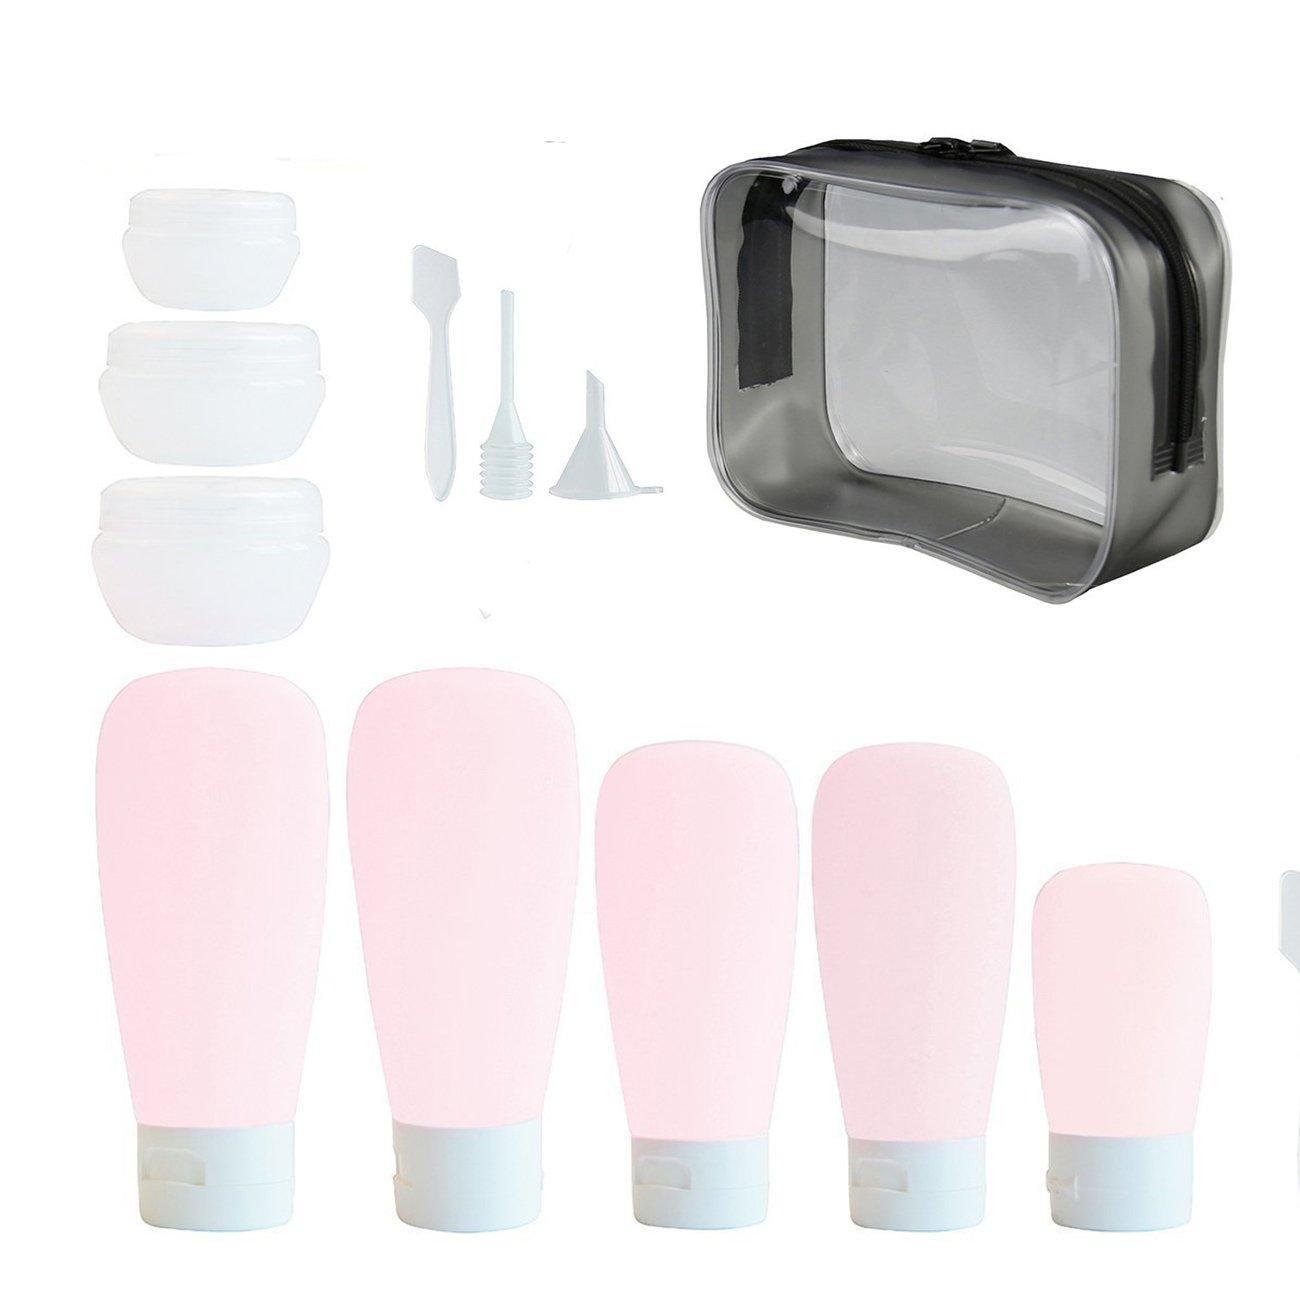 Beschan 14pcs Flacons de Voyage Container Bouteille Kit de Voyage Pot de Crème Vide Trousse de Toilette Rechargeable Anti-Fuite Blanc UMLA000421